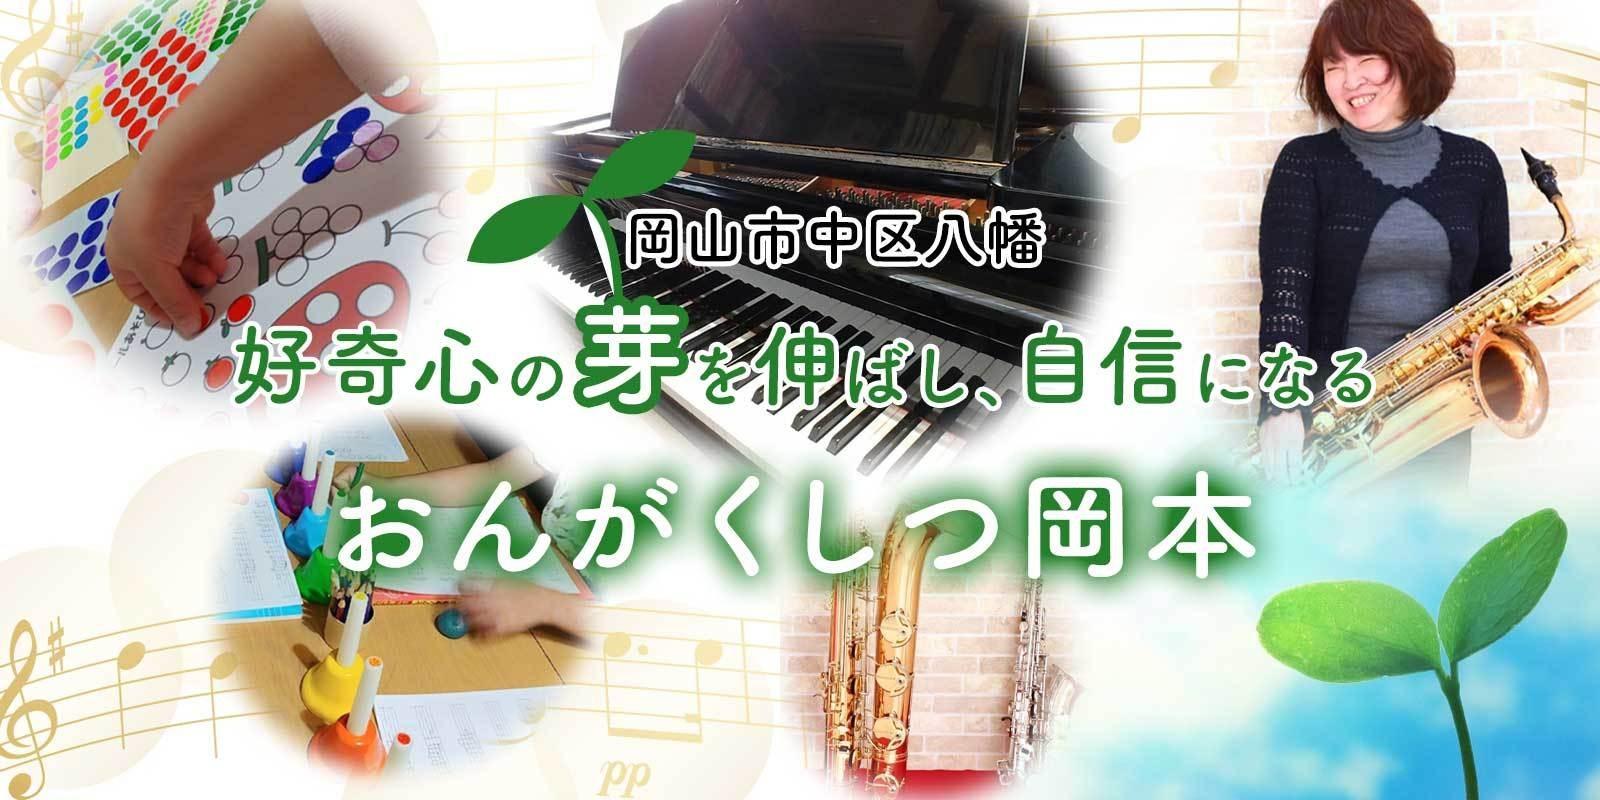 岡山市中区【旭竜・高島・宇野】ピアノ・知育ピアノ・サックス教室 おんがくしつ岡本